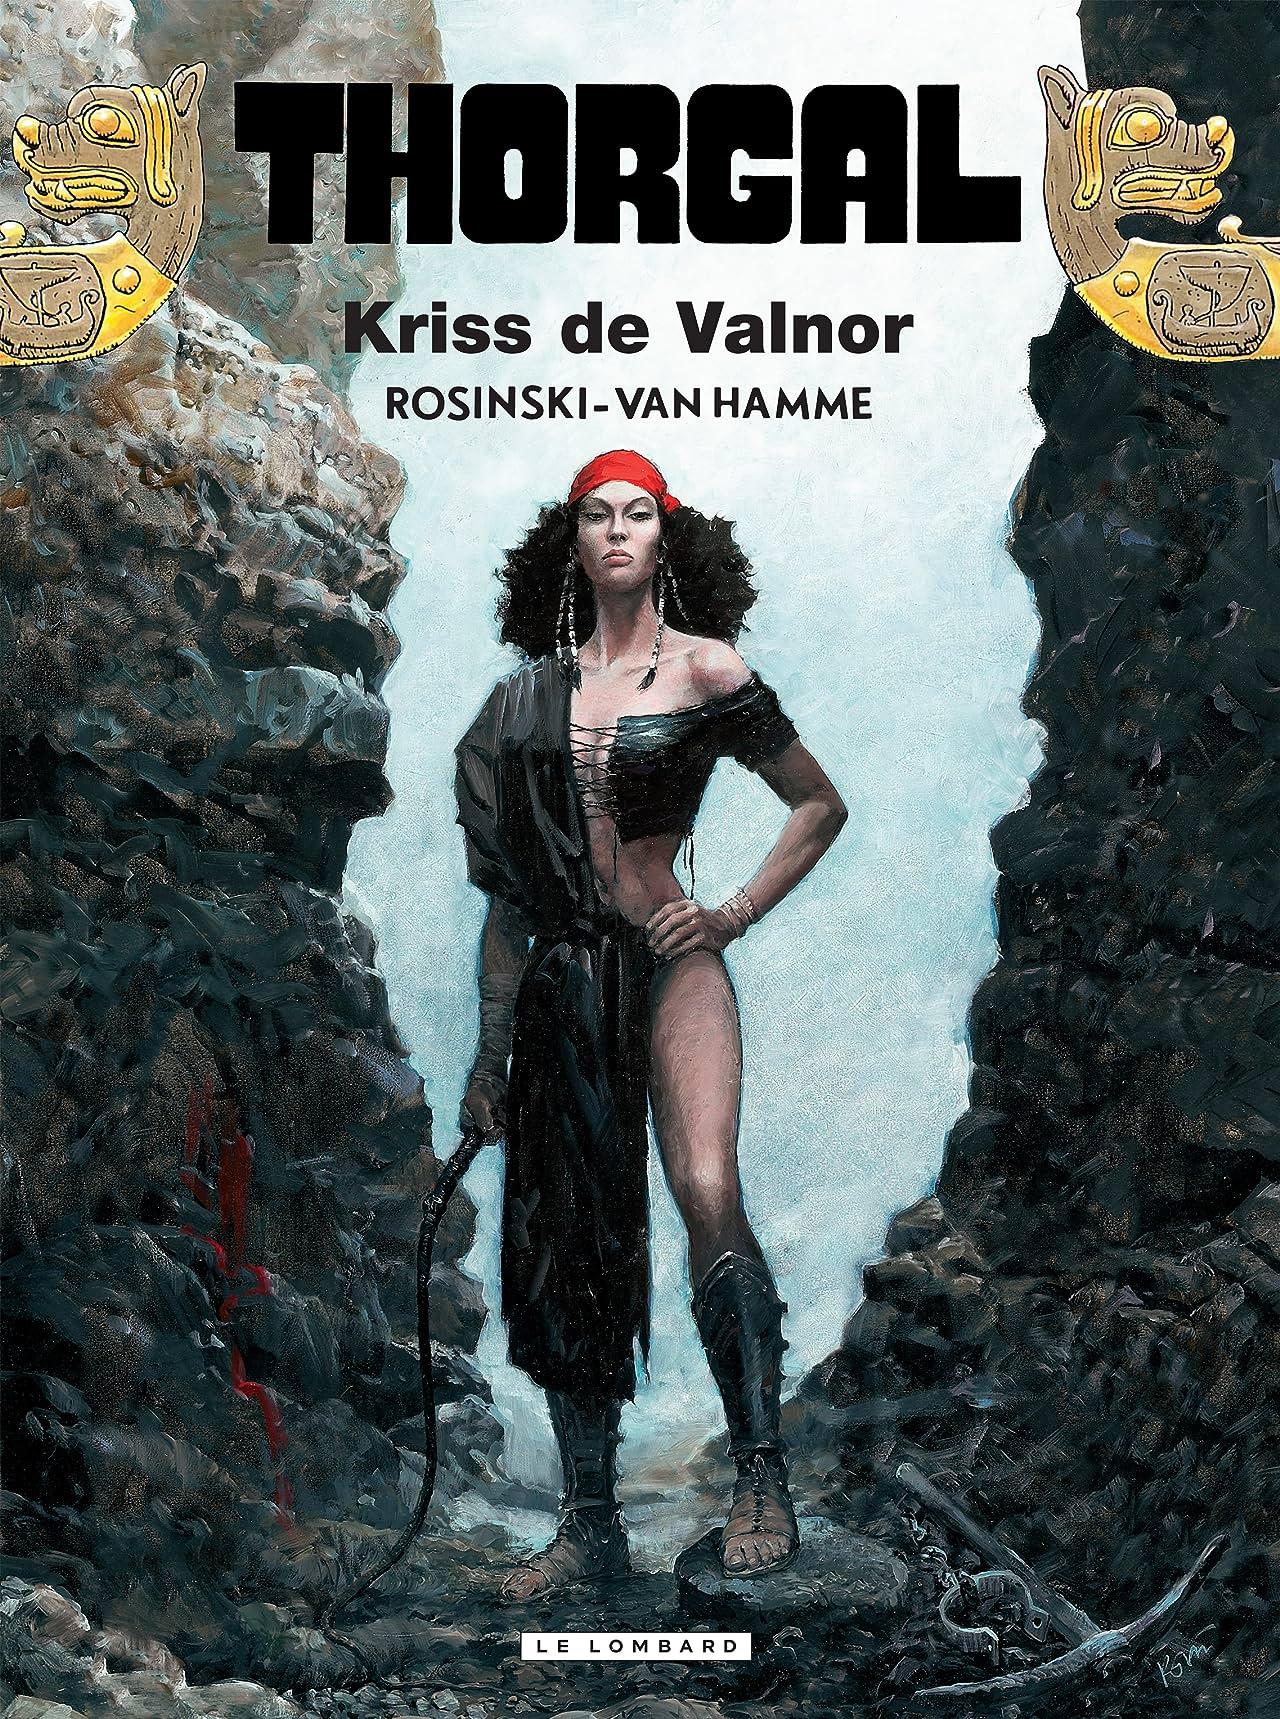 Thorgal Vol. 28: Kriss de Valnor